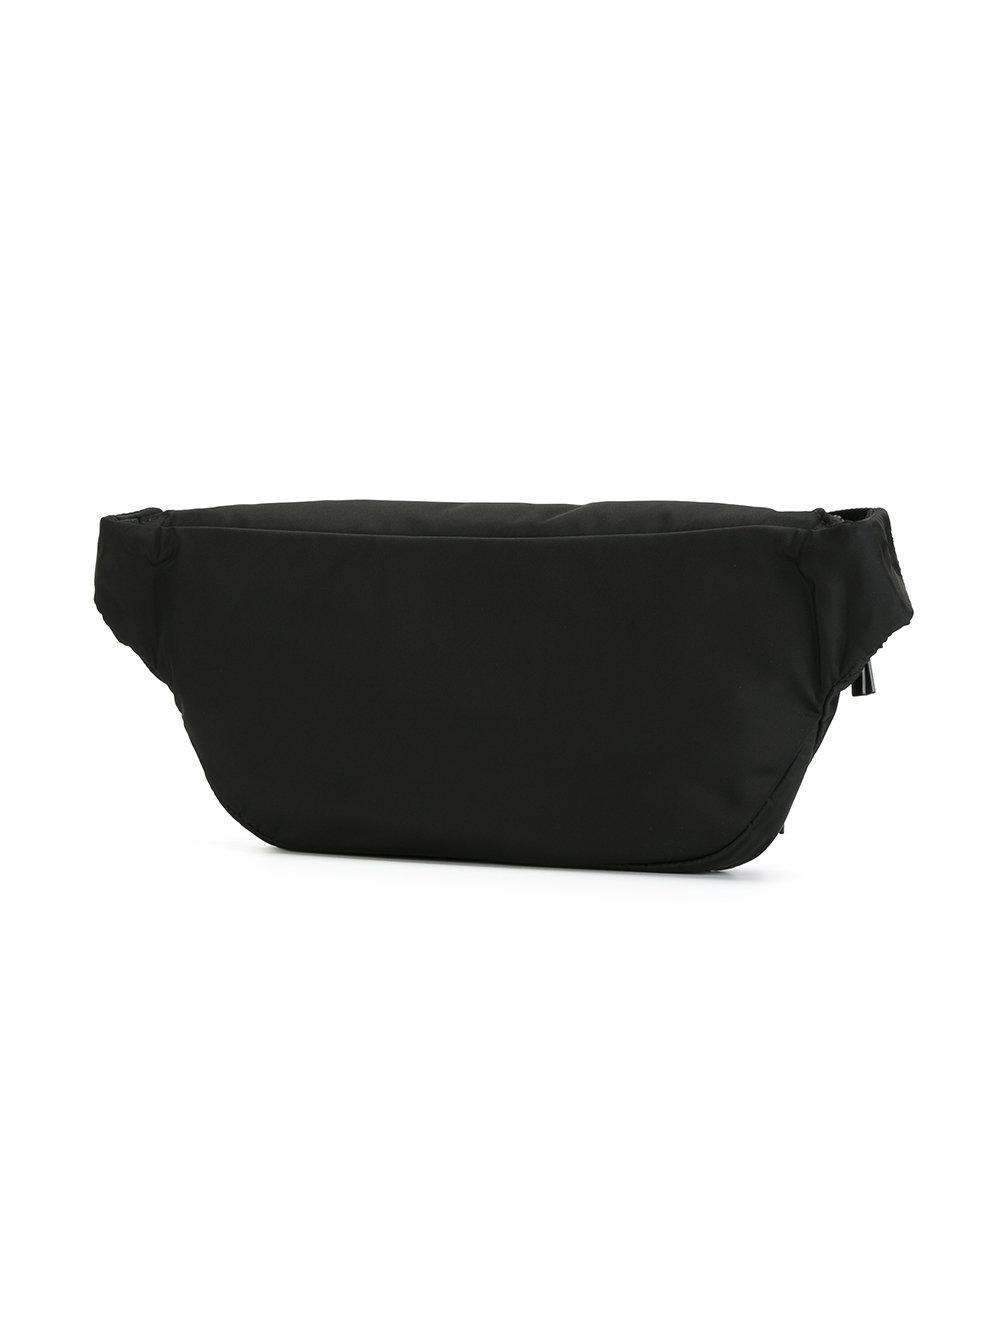 Michael Kors Zipped Pocket Bum Bag In Black For Men Lyst